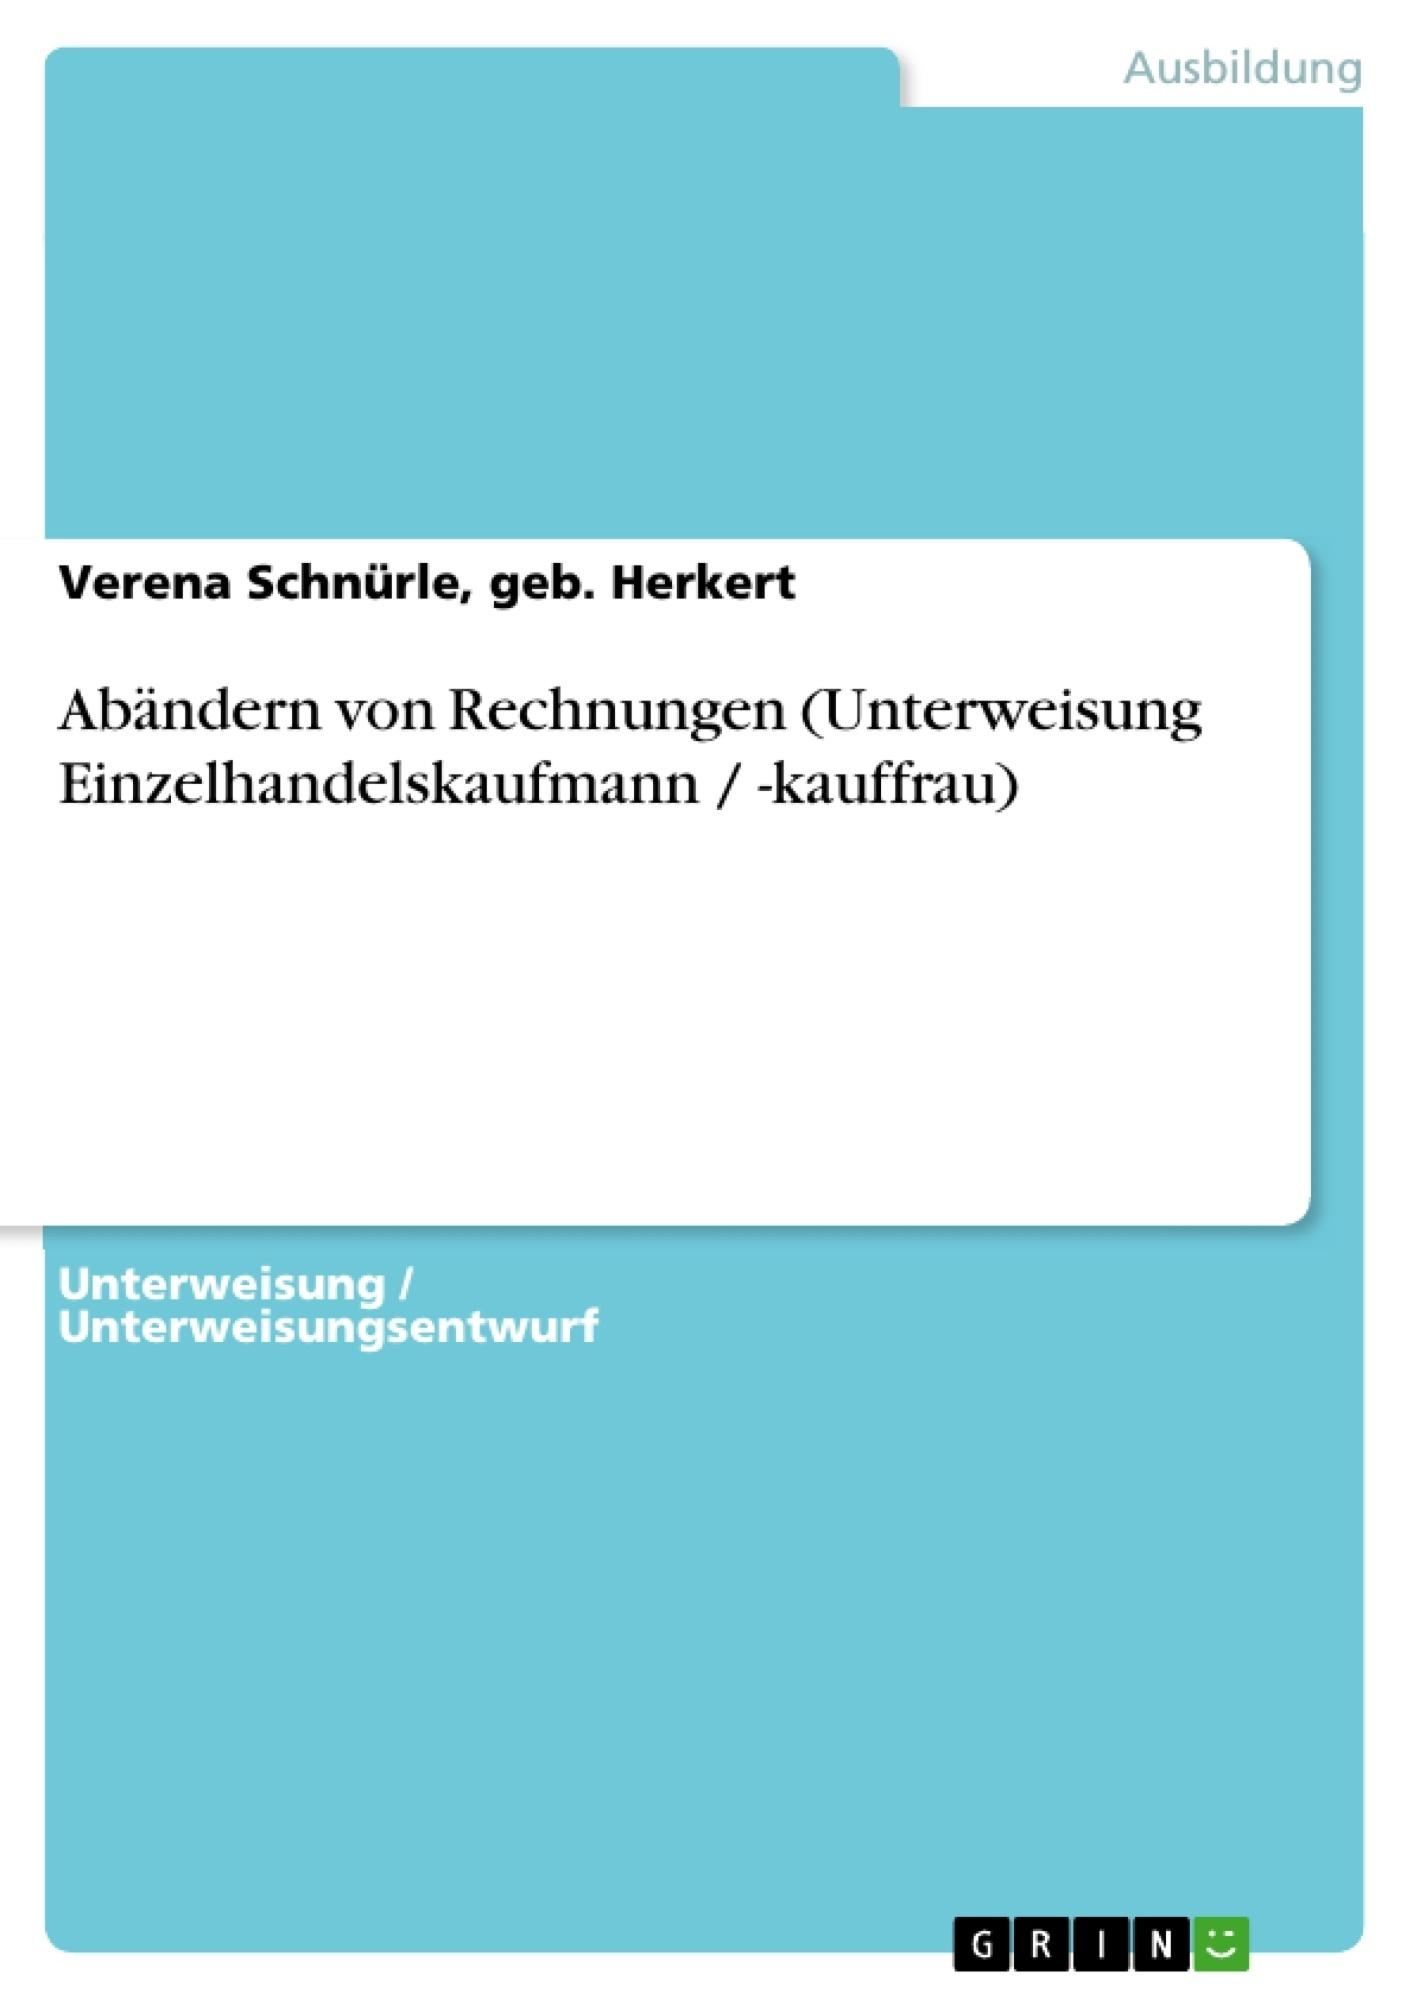 Titel: Abändern von Rechnungen (Unterweisung Einzelhandelskaufmann / -kauffrau)